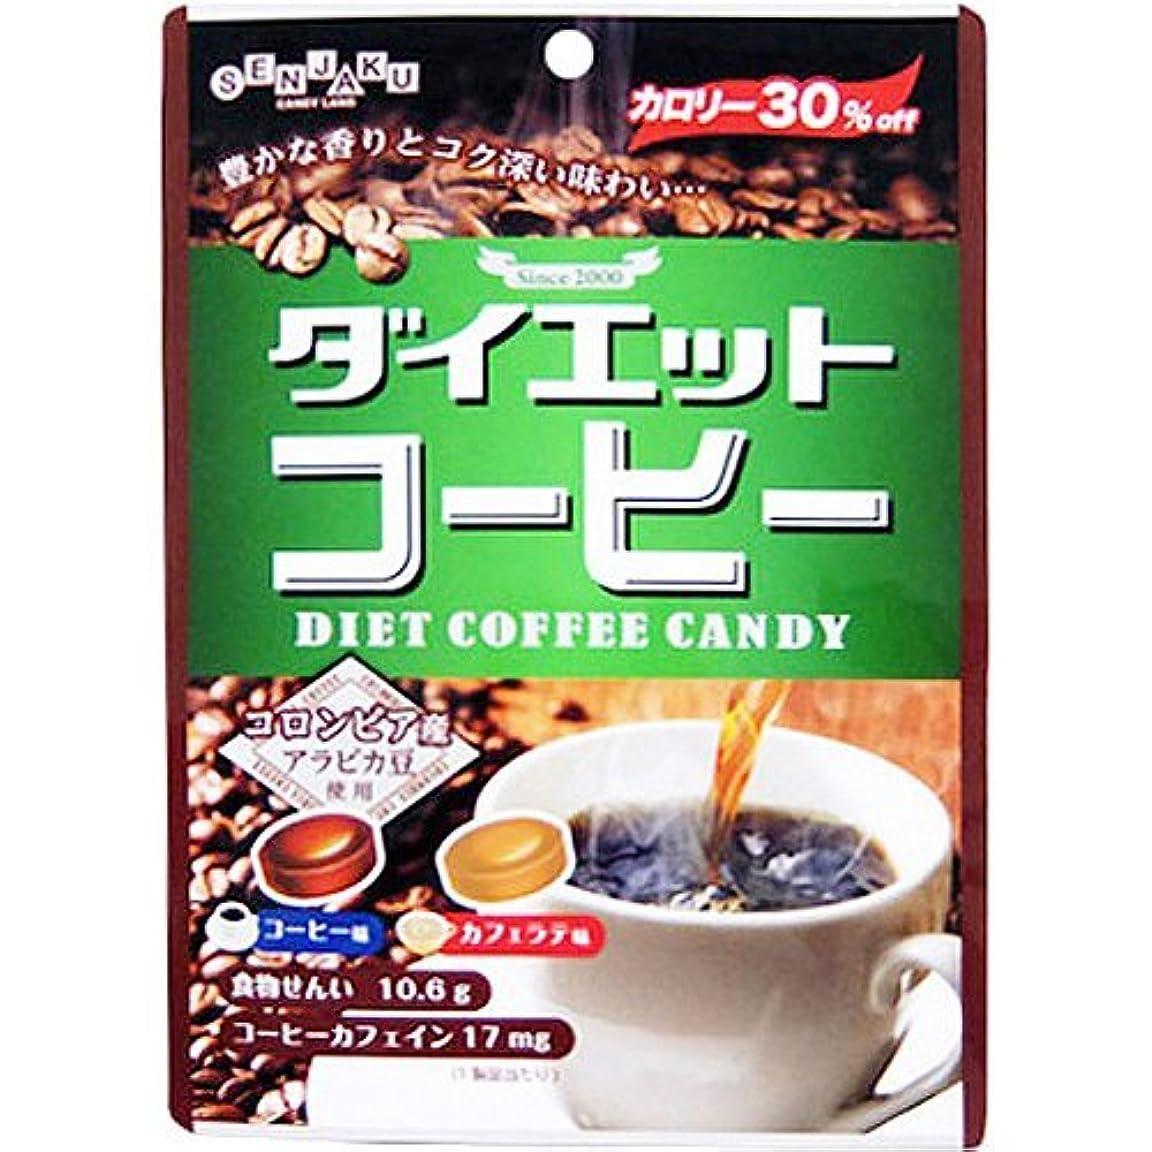 苦行トライアスロンオリエント扇雀飴本舗 ダイエットコーヒー 80g